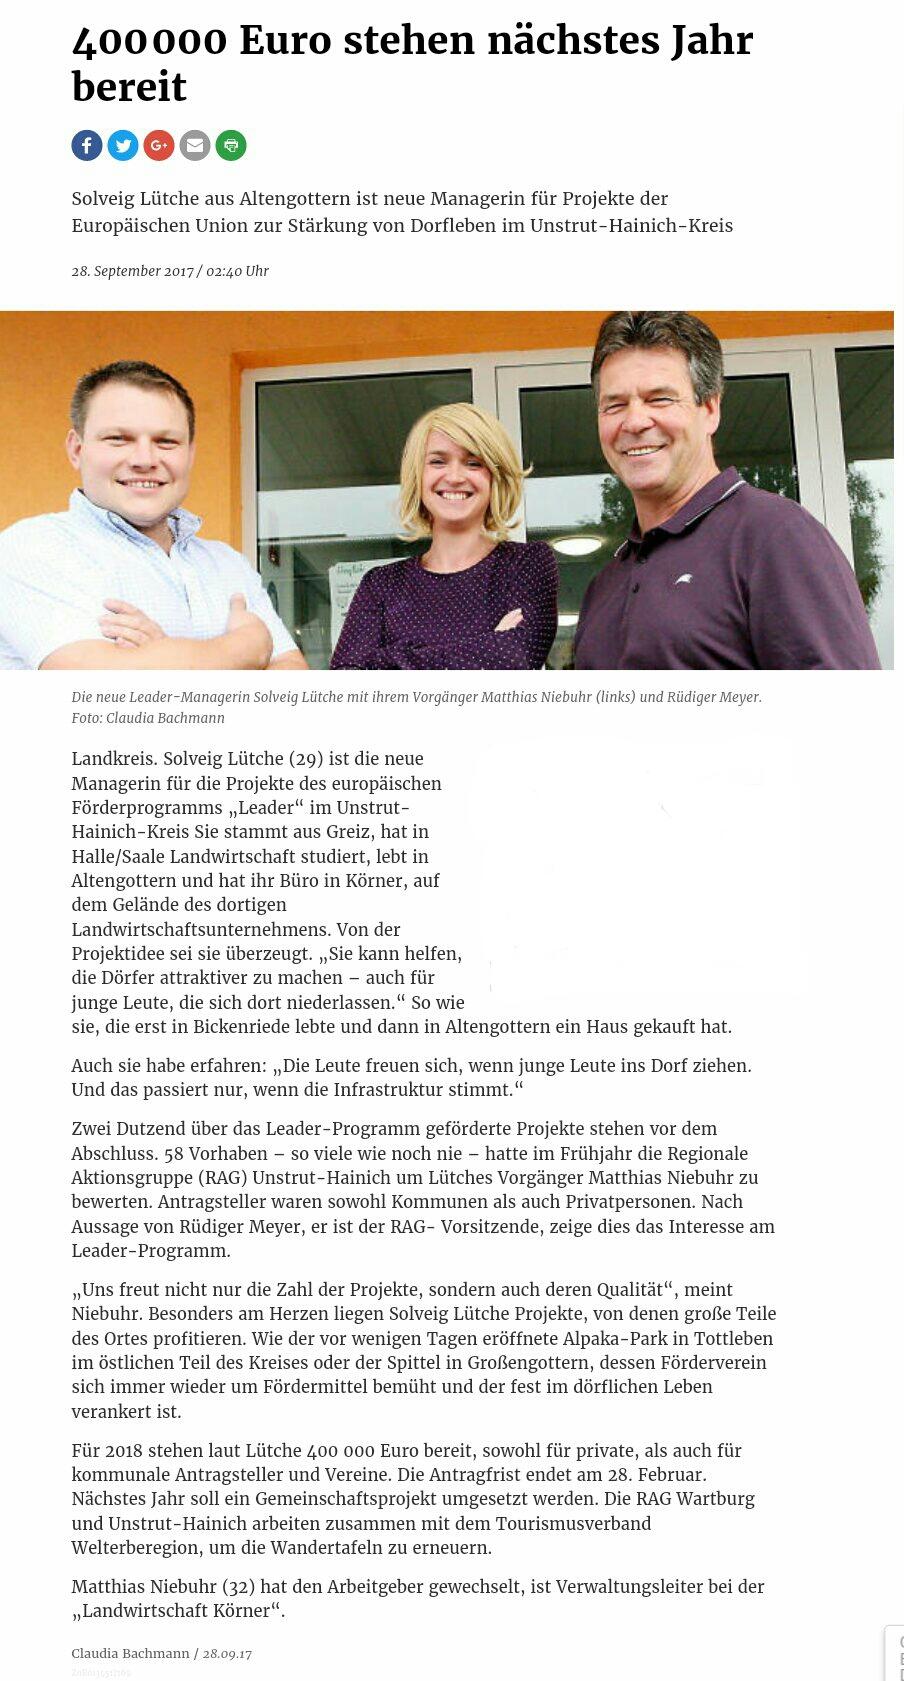 neue LEADER - Regionalmanagerin für den Unstrut - Hainich - Kreis (www.thueringer-allgemeine.de)